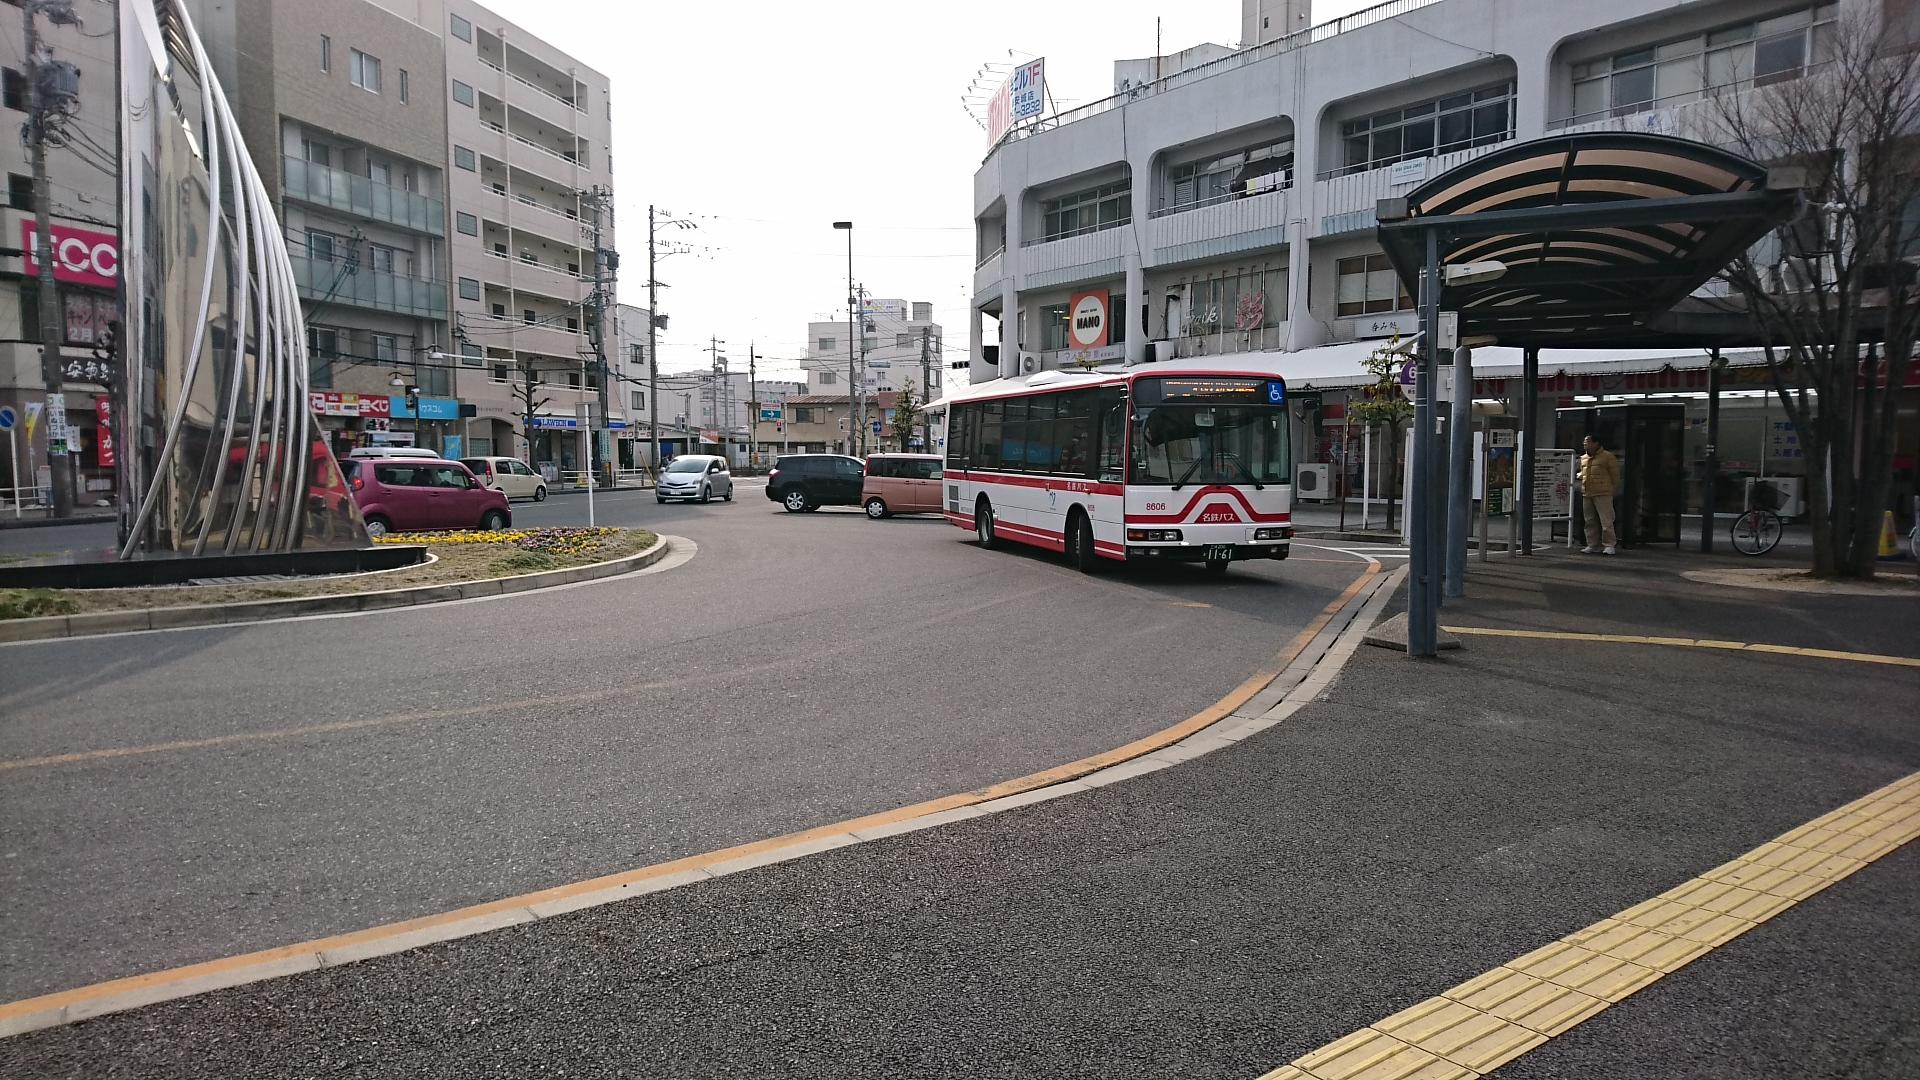 2018.2.24 アンフォーレ (4) しんあんじょう - 名鉄バス 1920-1080